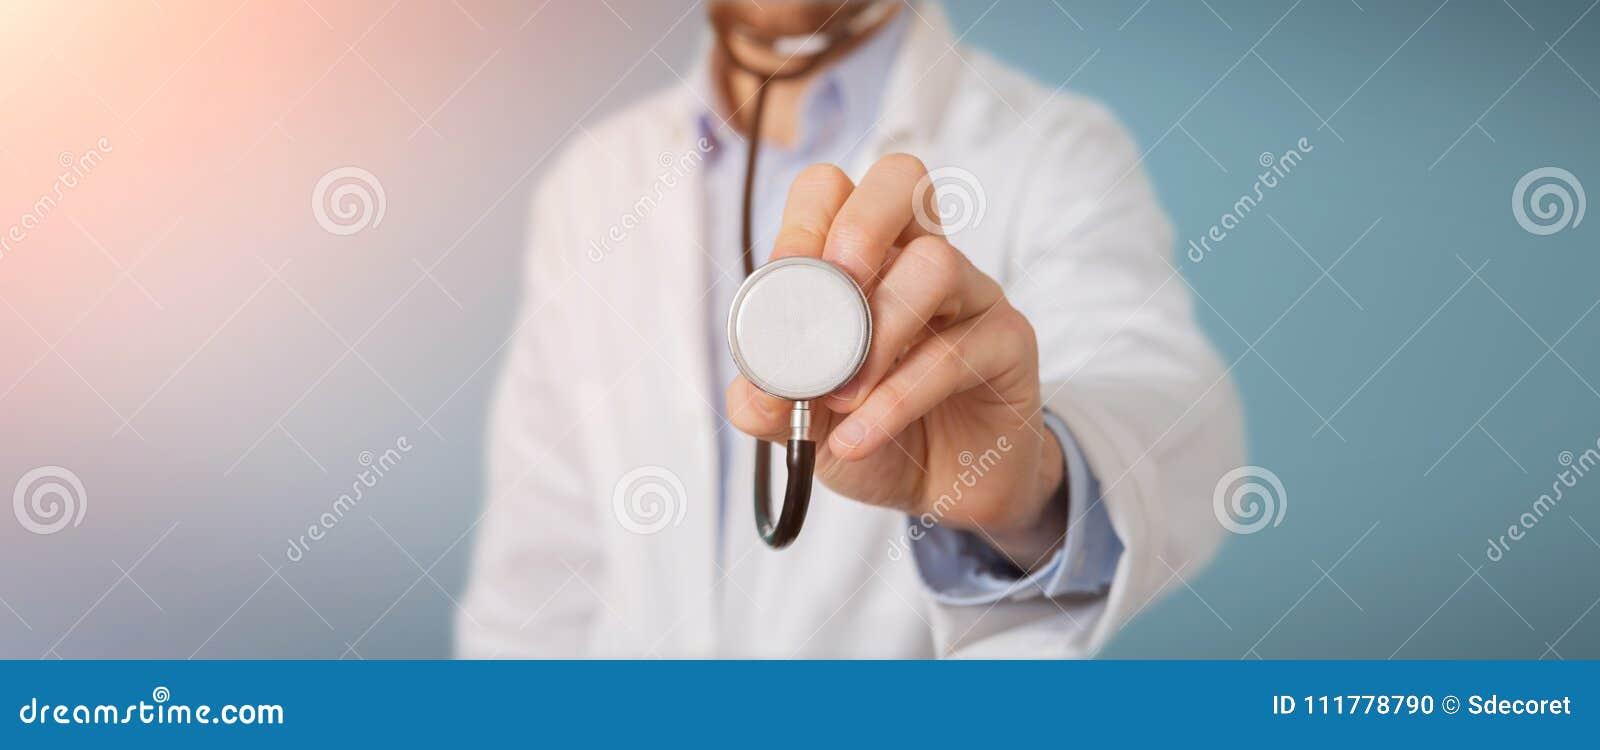 Доктор используя стетоскоп в больнице